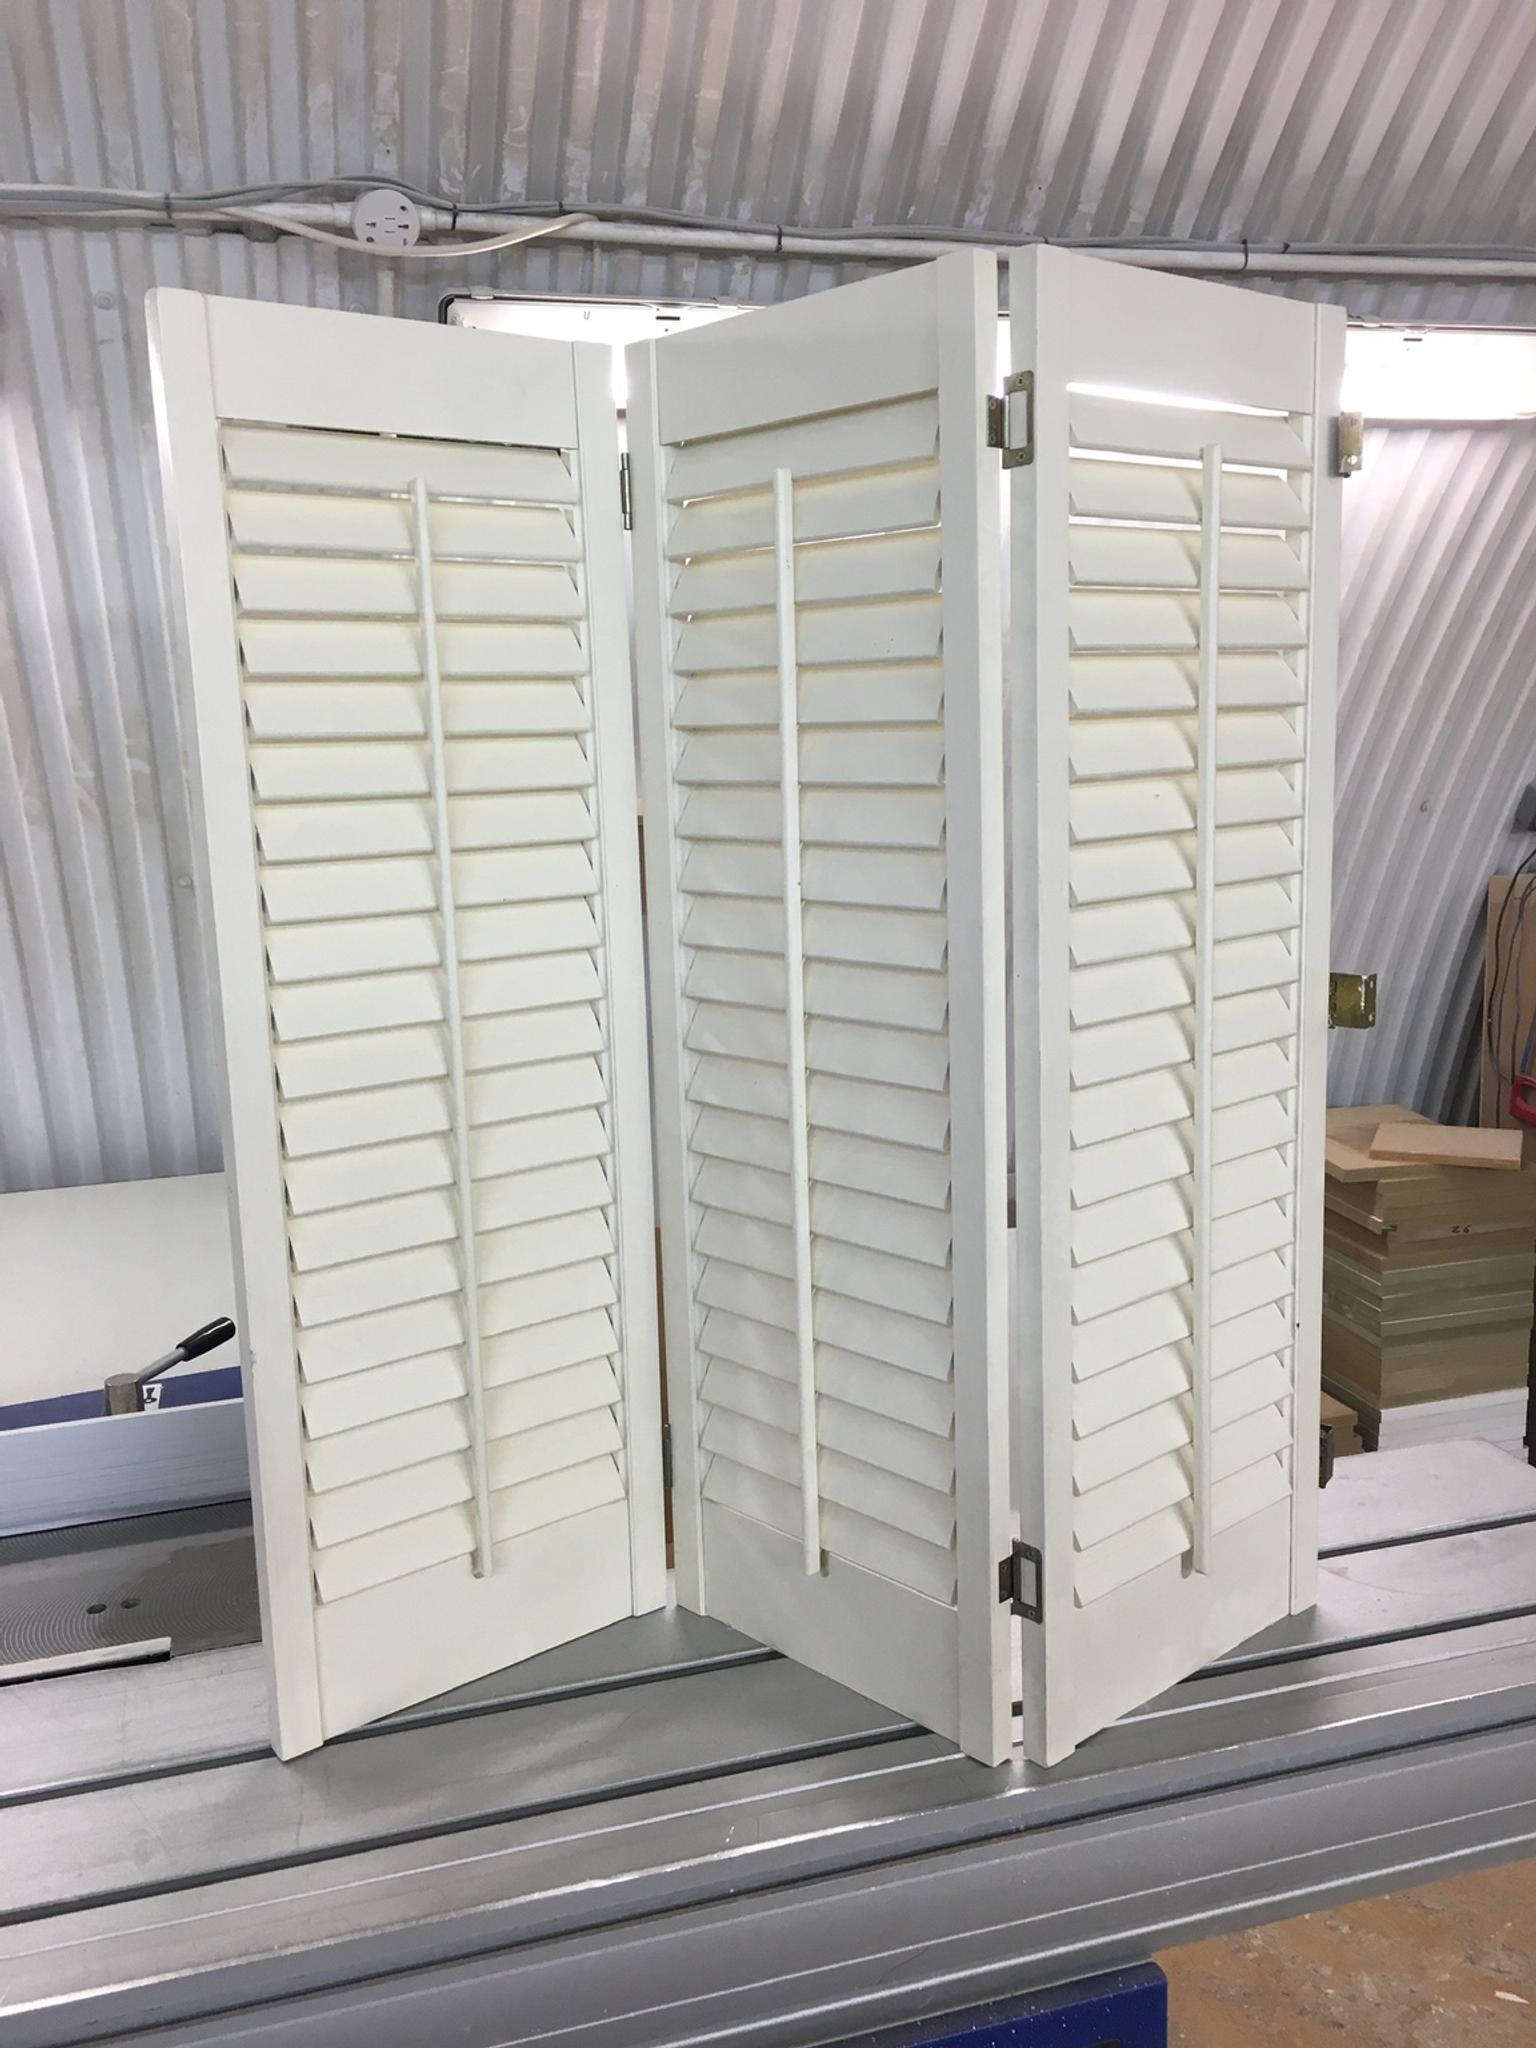 Internal Wooden Windows Shutters Blinds In Se12 London